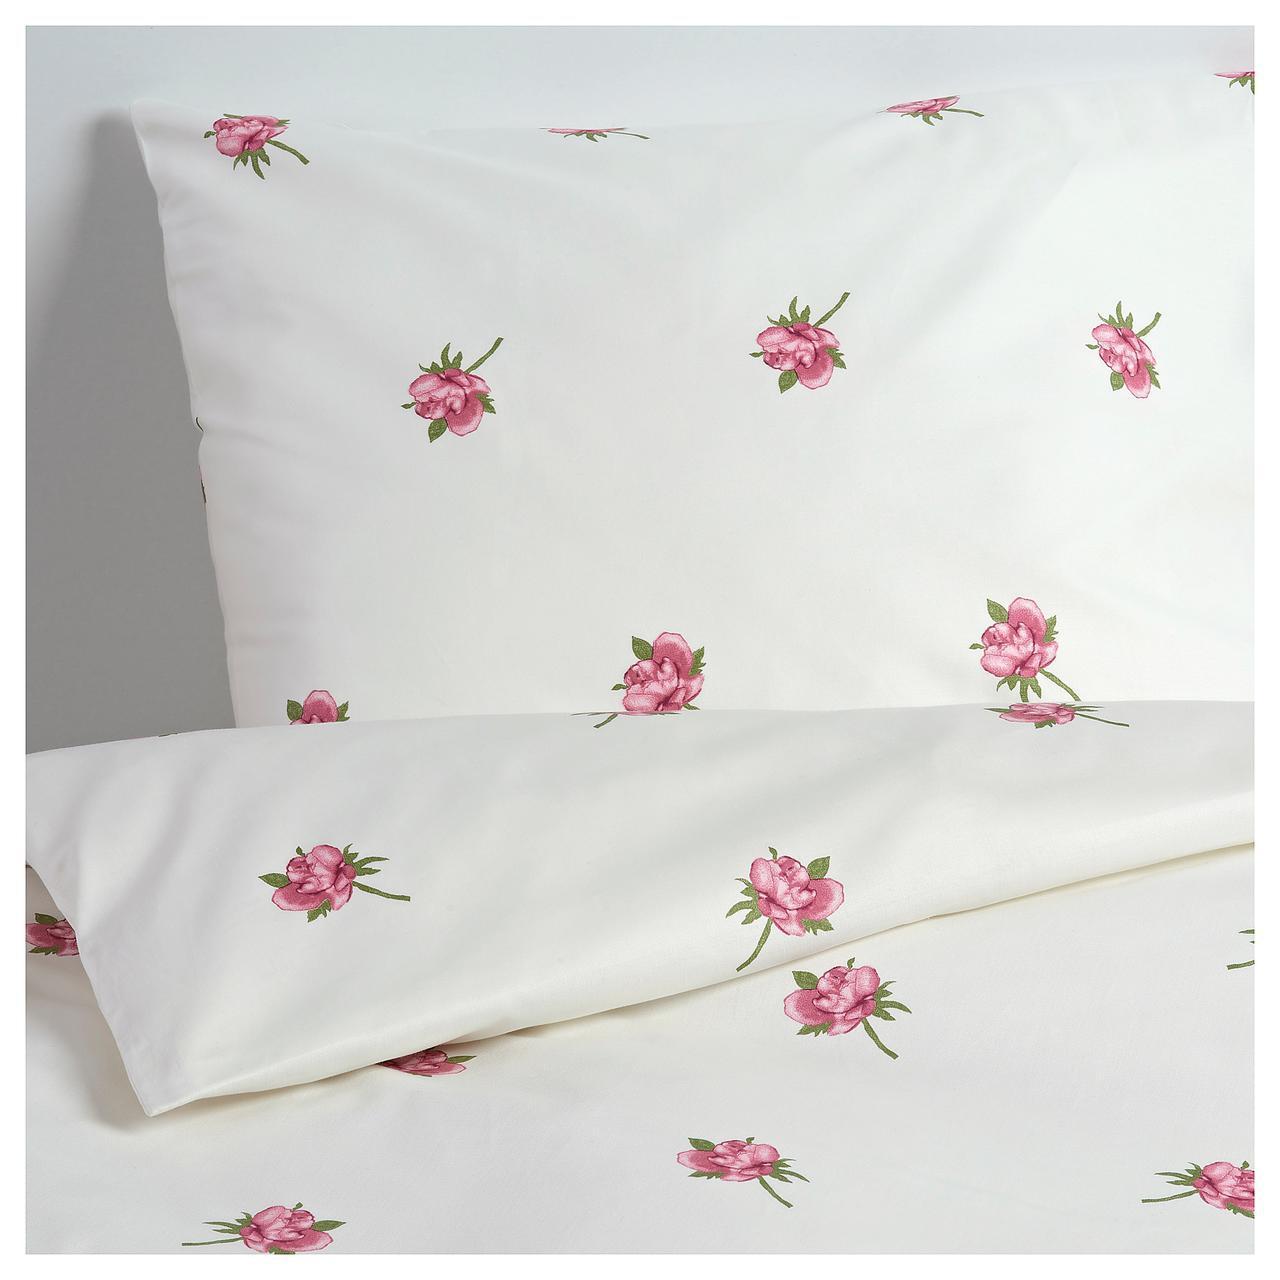 Комплект постельного белья IKEA VITYXNE 150х200 см белый с цветочным узором 704.237.08